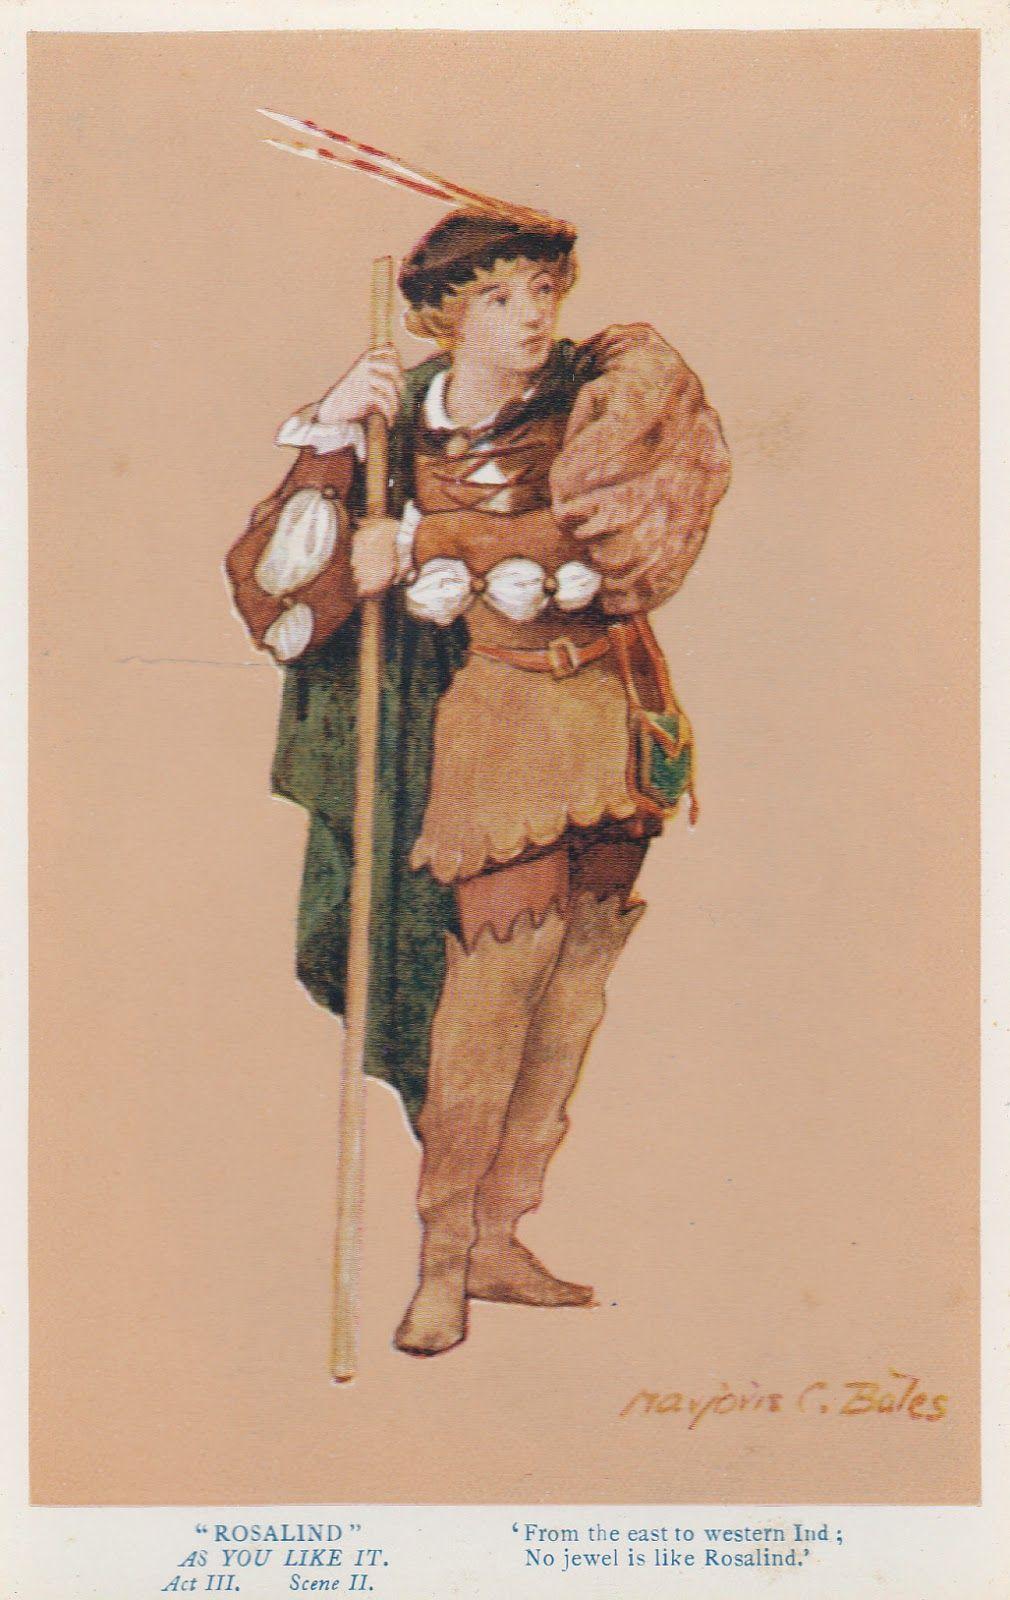 Funereal Ephemera: Shakespeare Character Illustration Postcards